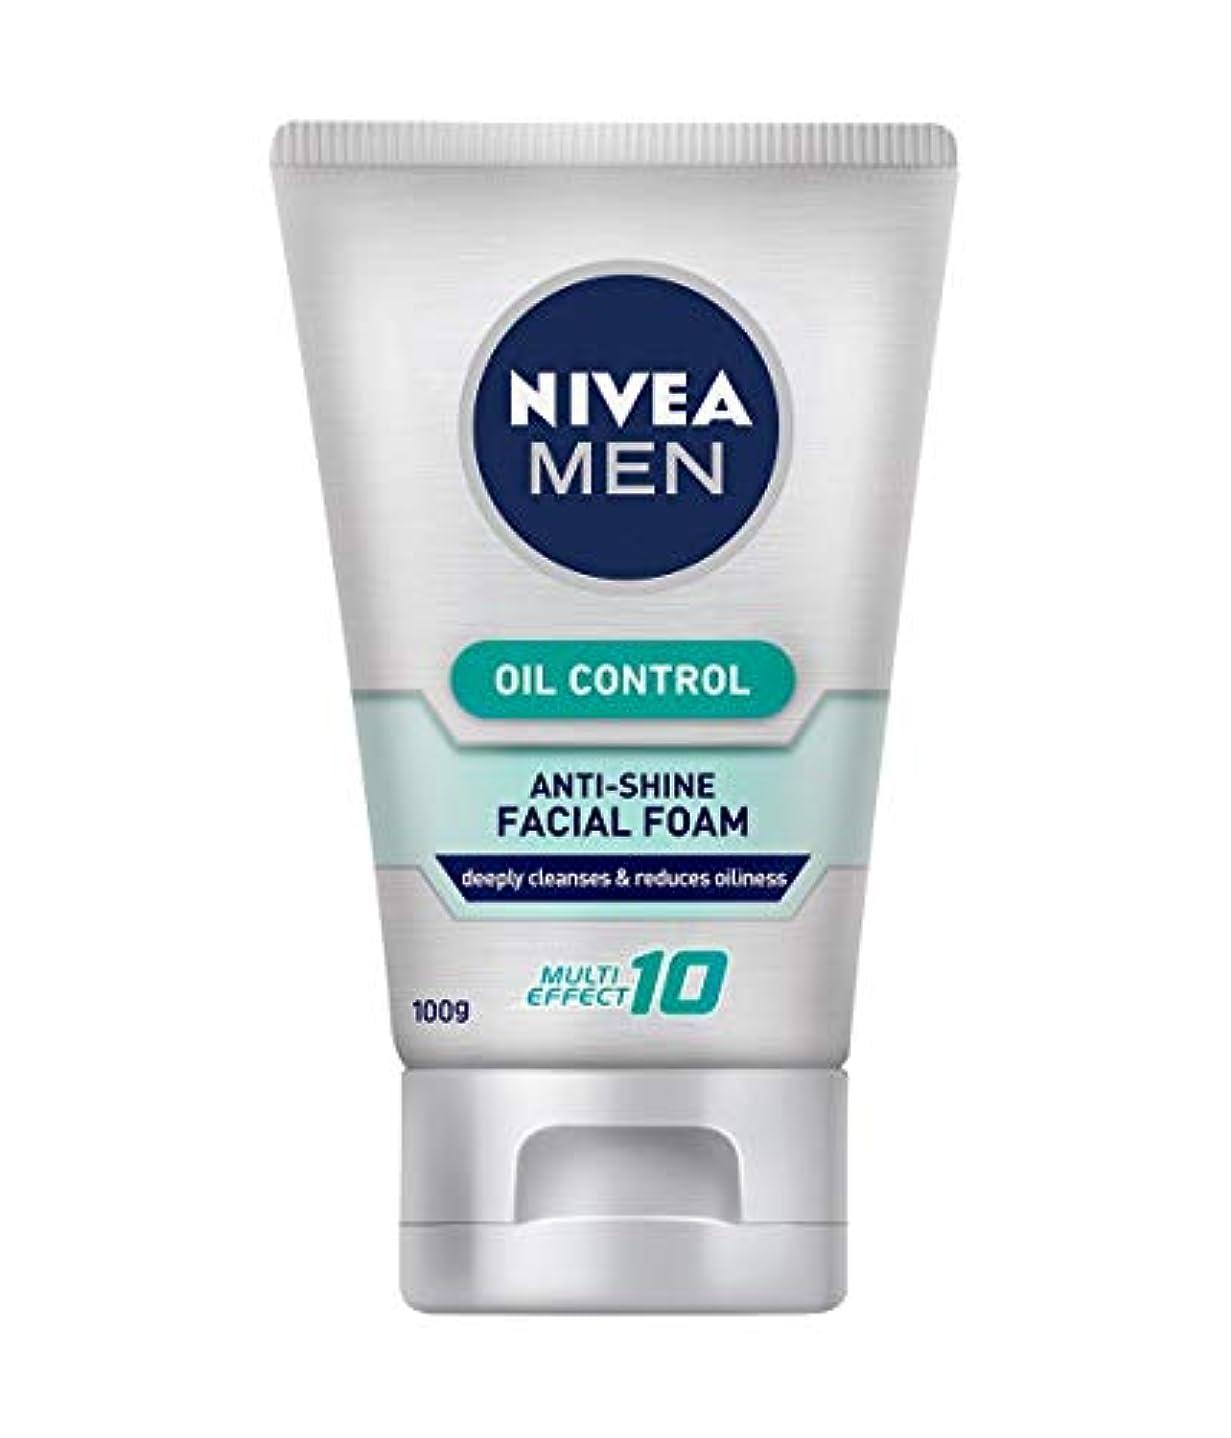 もう一度批判的促すNivea For Men オイルコントロールクレンザー百グラム、にきびの問題を軽減しながら、炎症を和らげます。